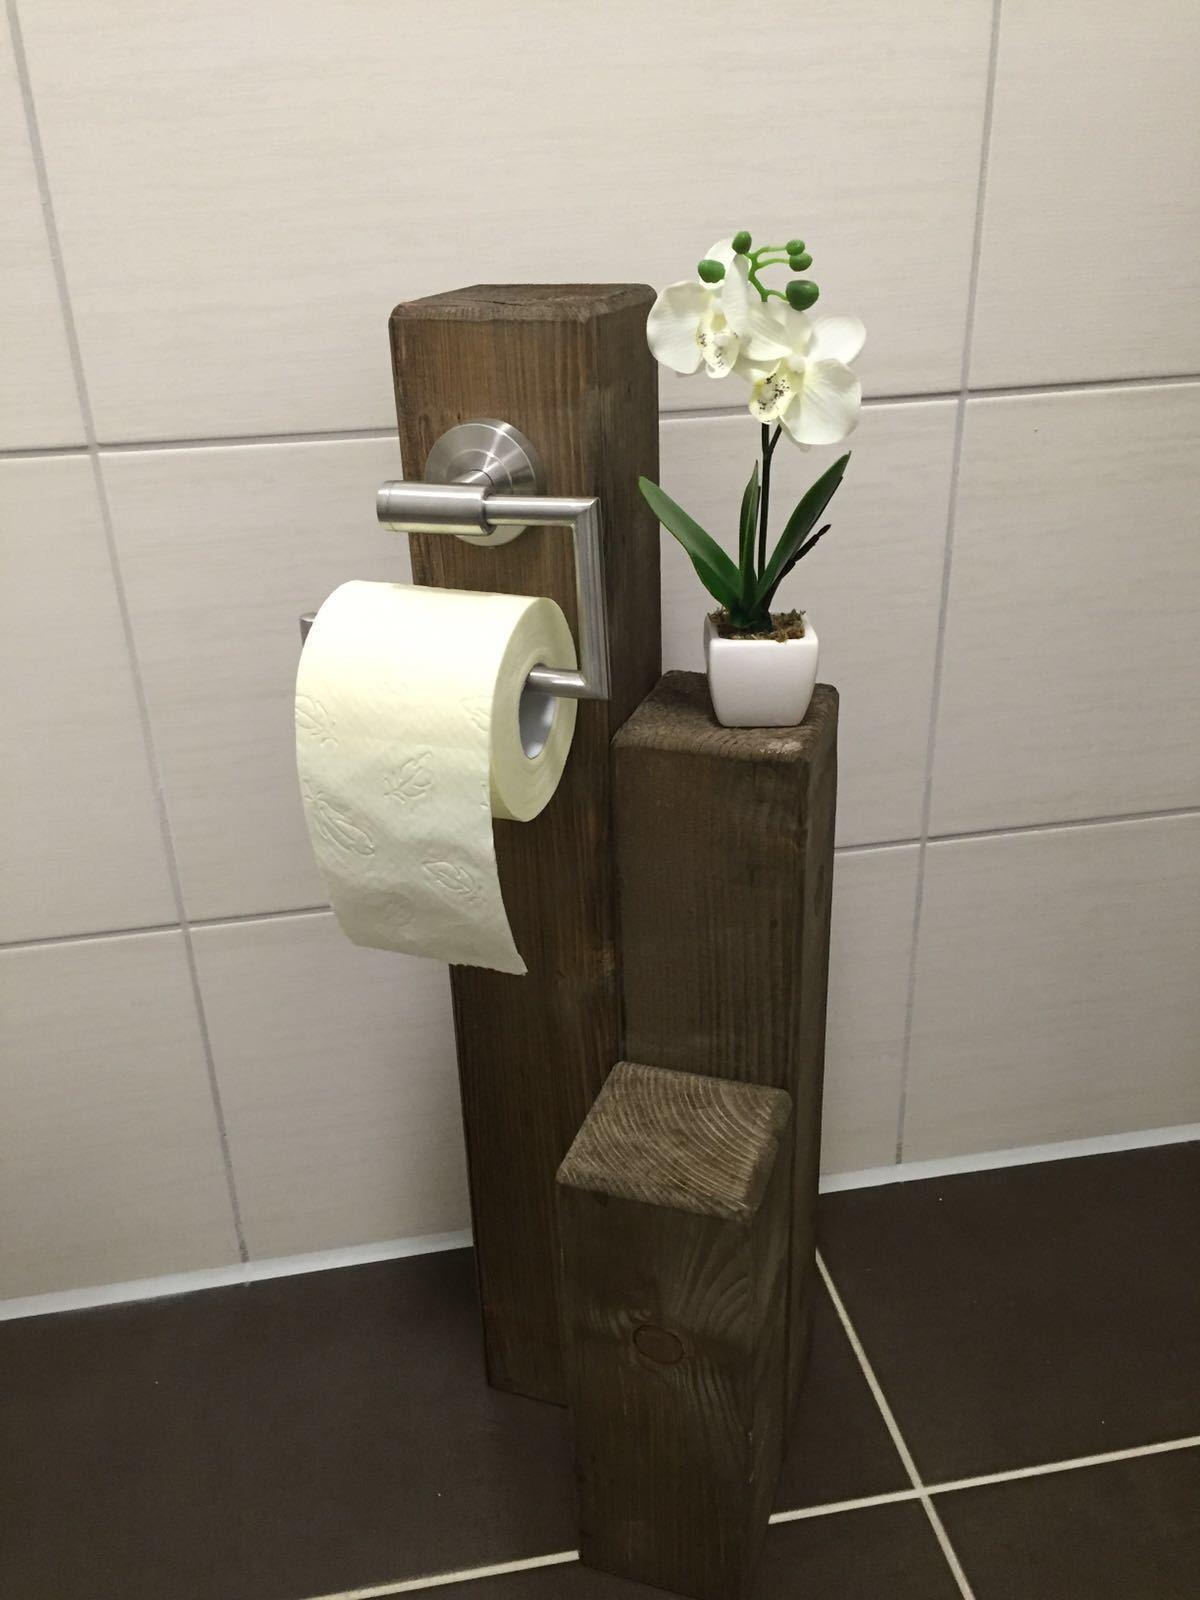 Klorollenhalter rustikal wc rolle vintage • eur 4500 picclick de